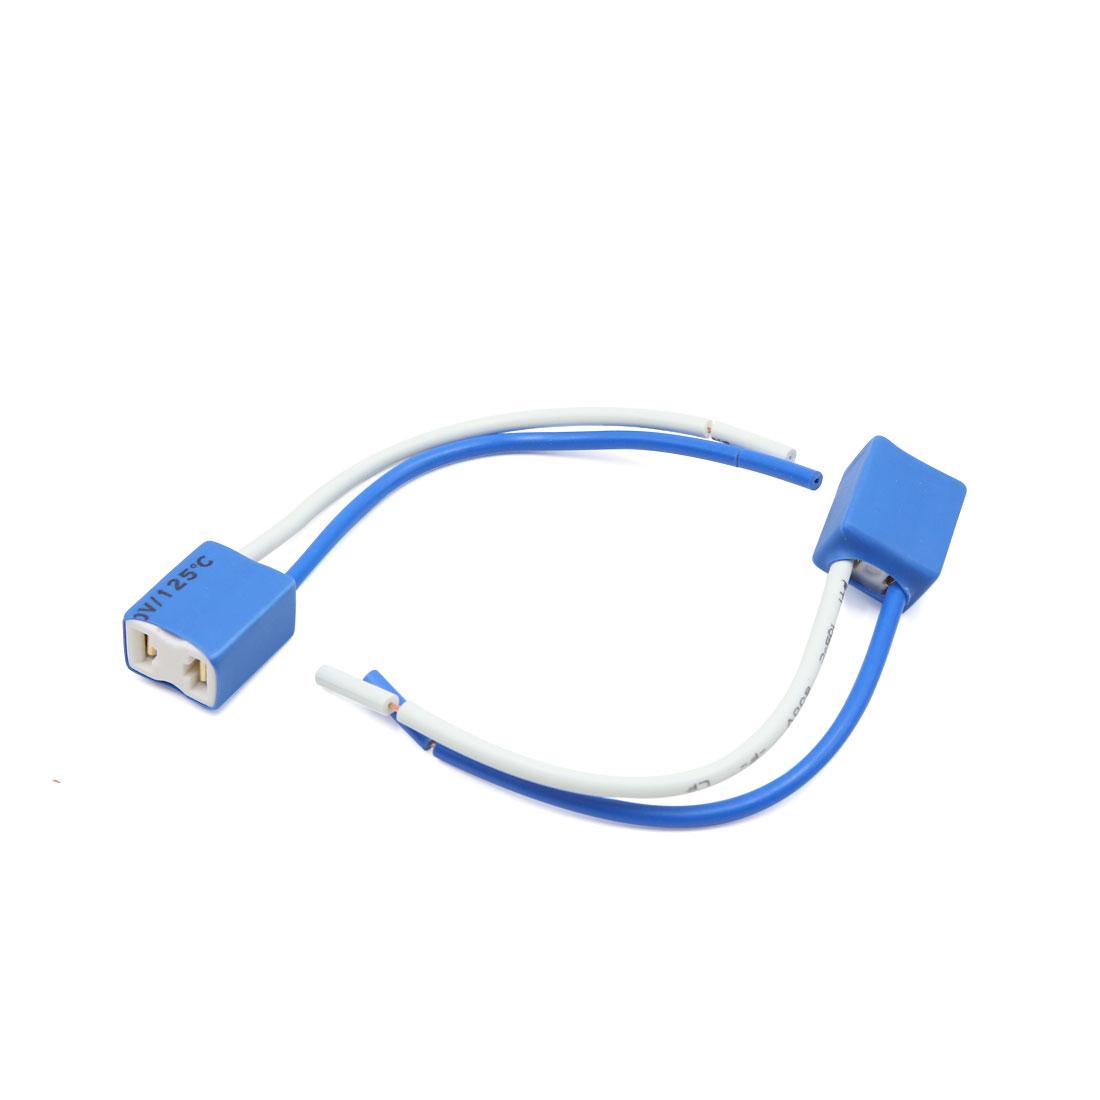 2pcs céramique H7 Ampoule feu antibrouillard Phare Femelle Femelle connecteur pour Voiture - image 1 de 1